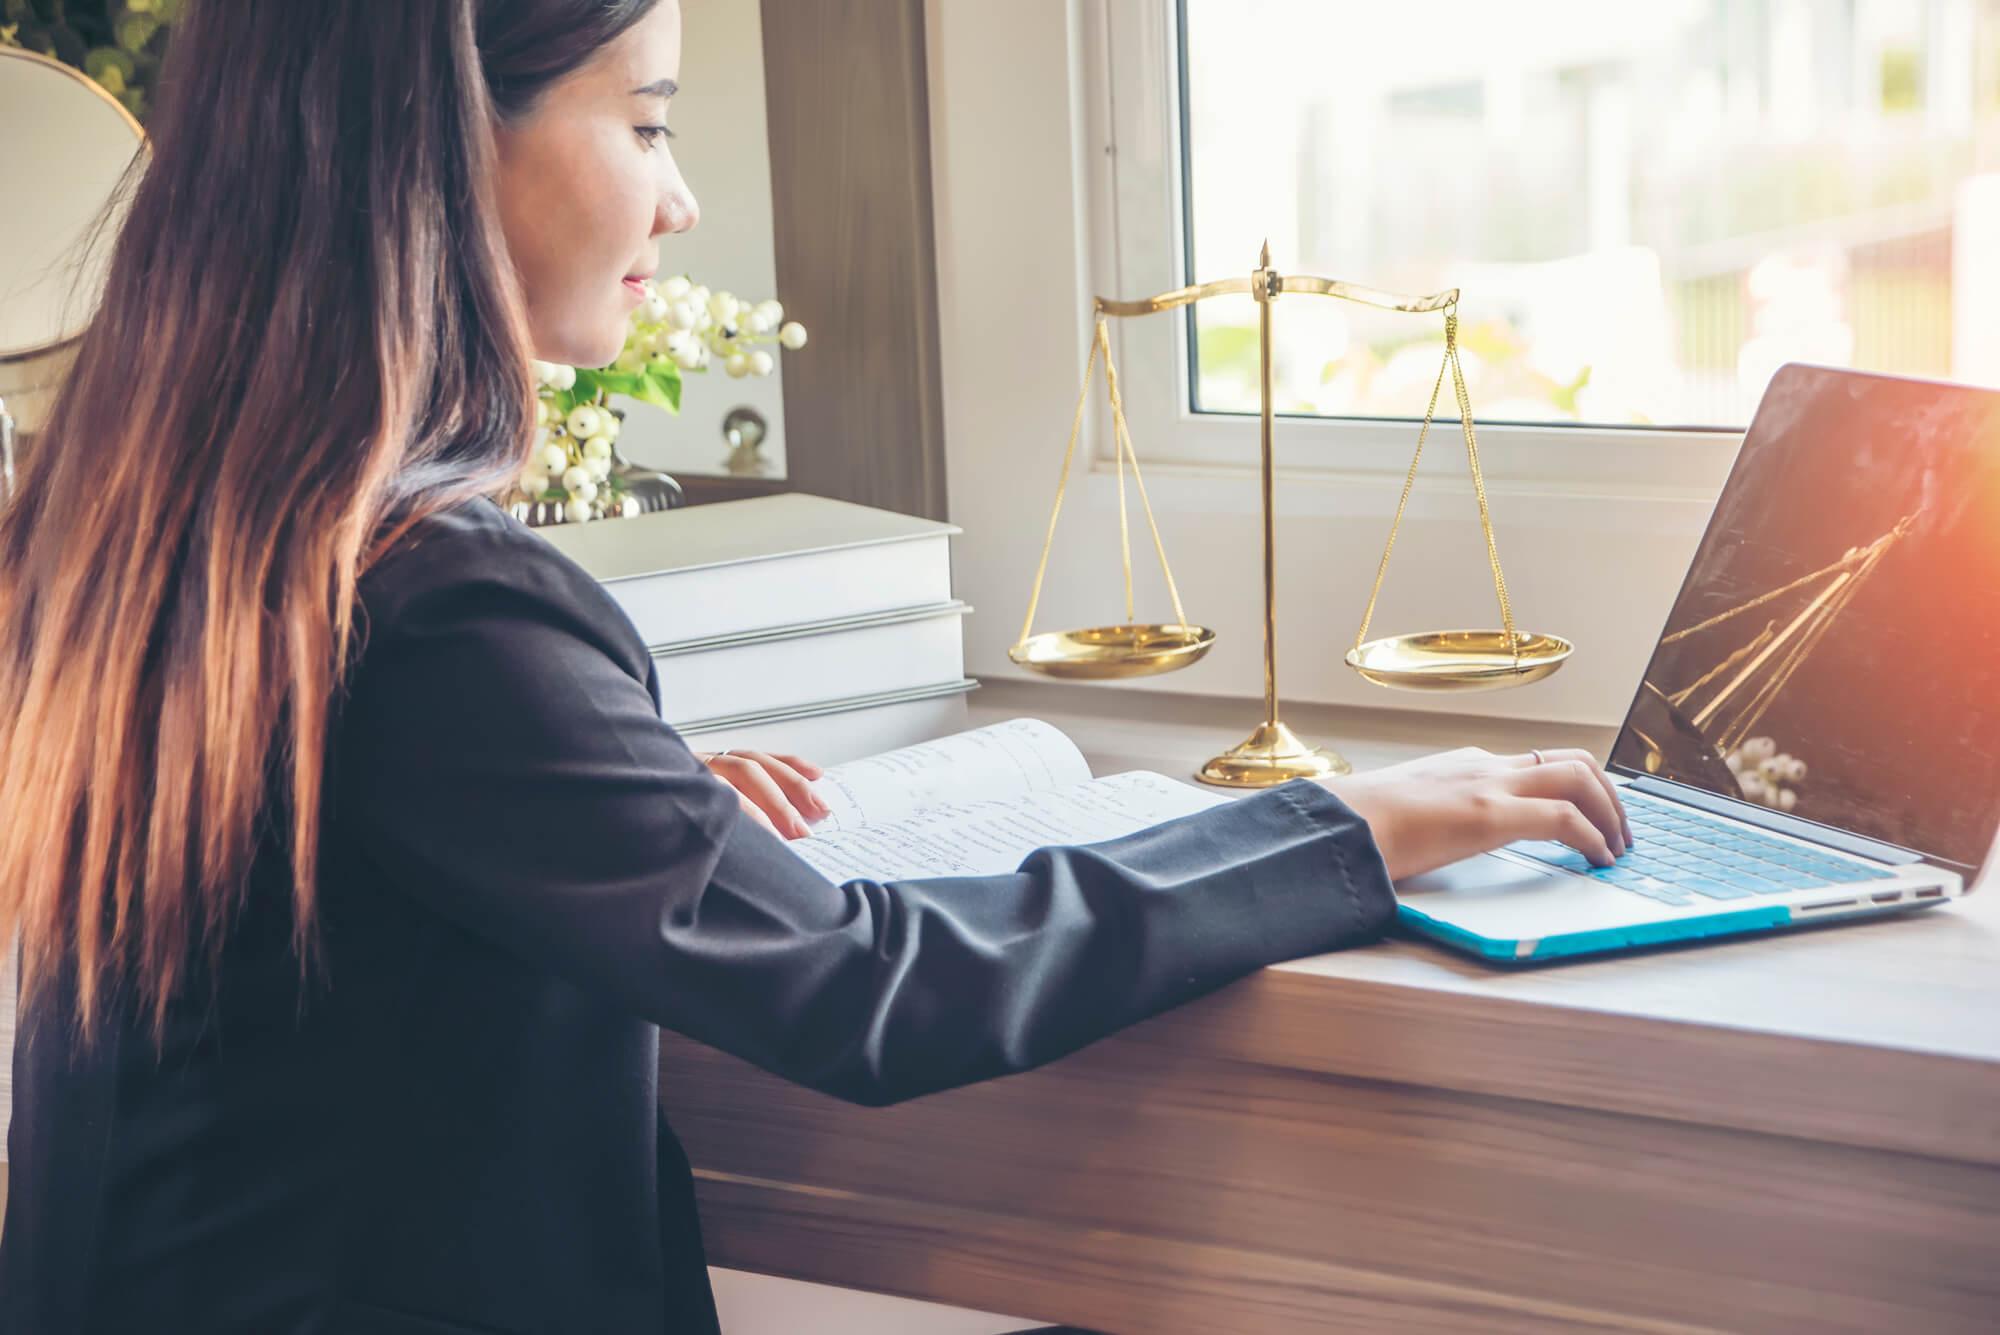 5 סיבות ללמוד בתכנית לתואר שני בלימודי משפט למי שאינו משפטן